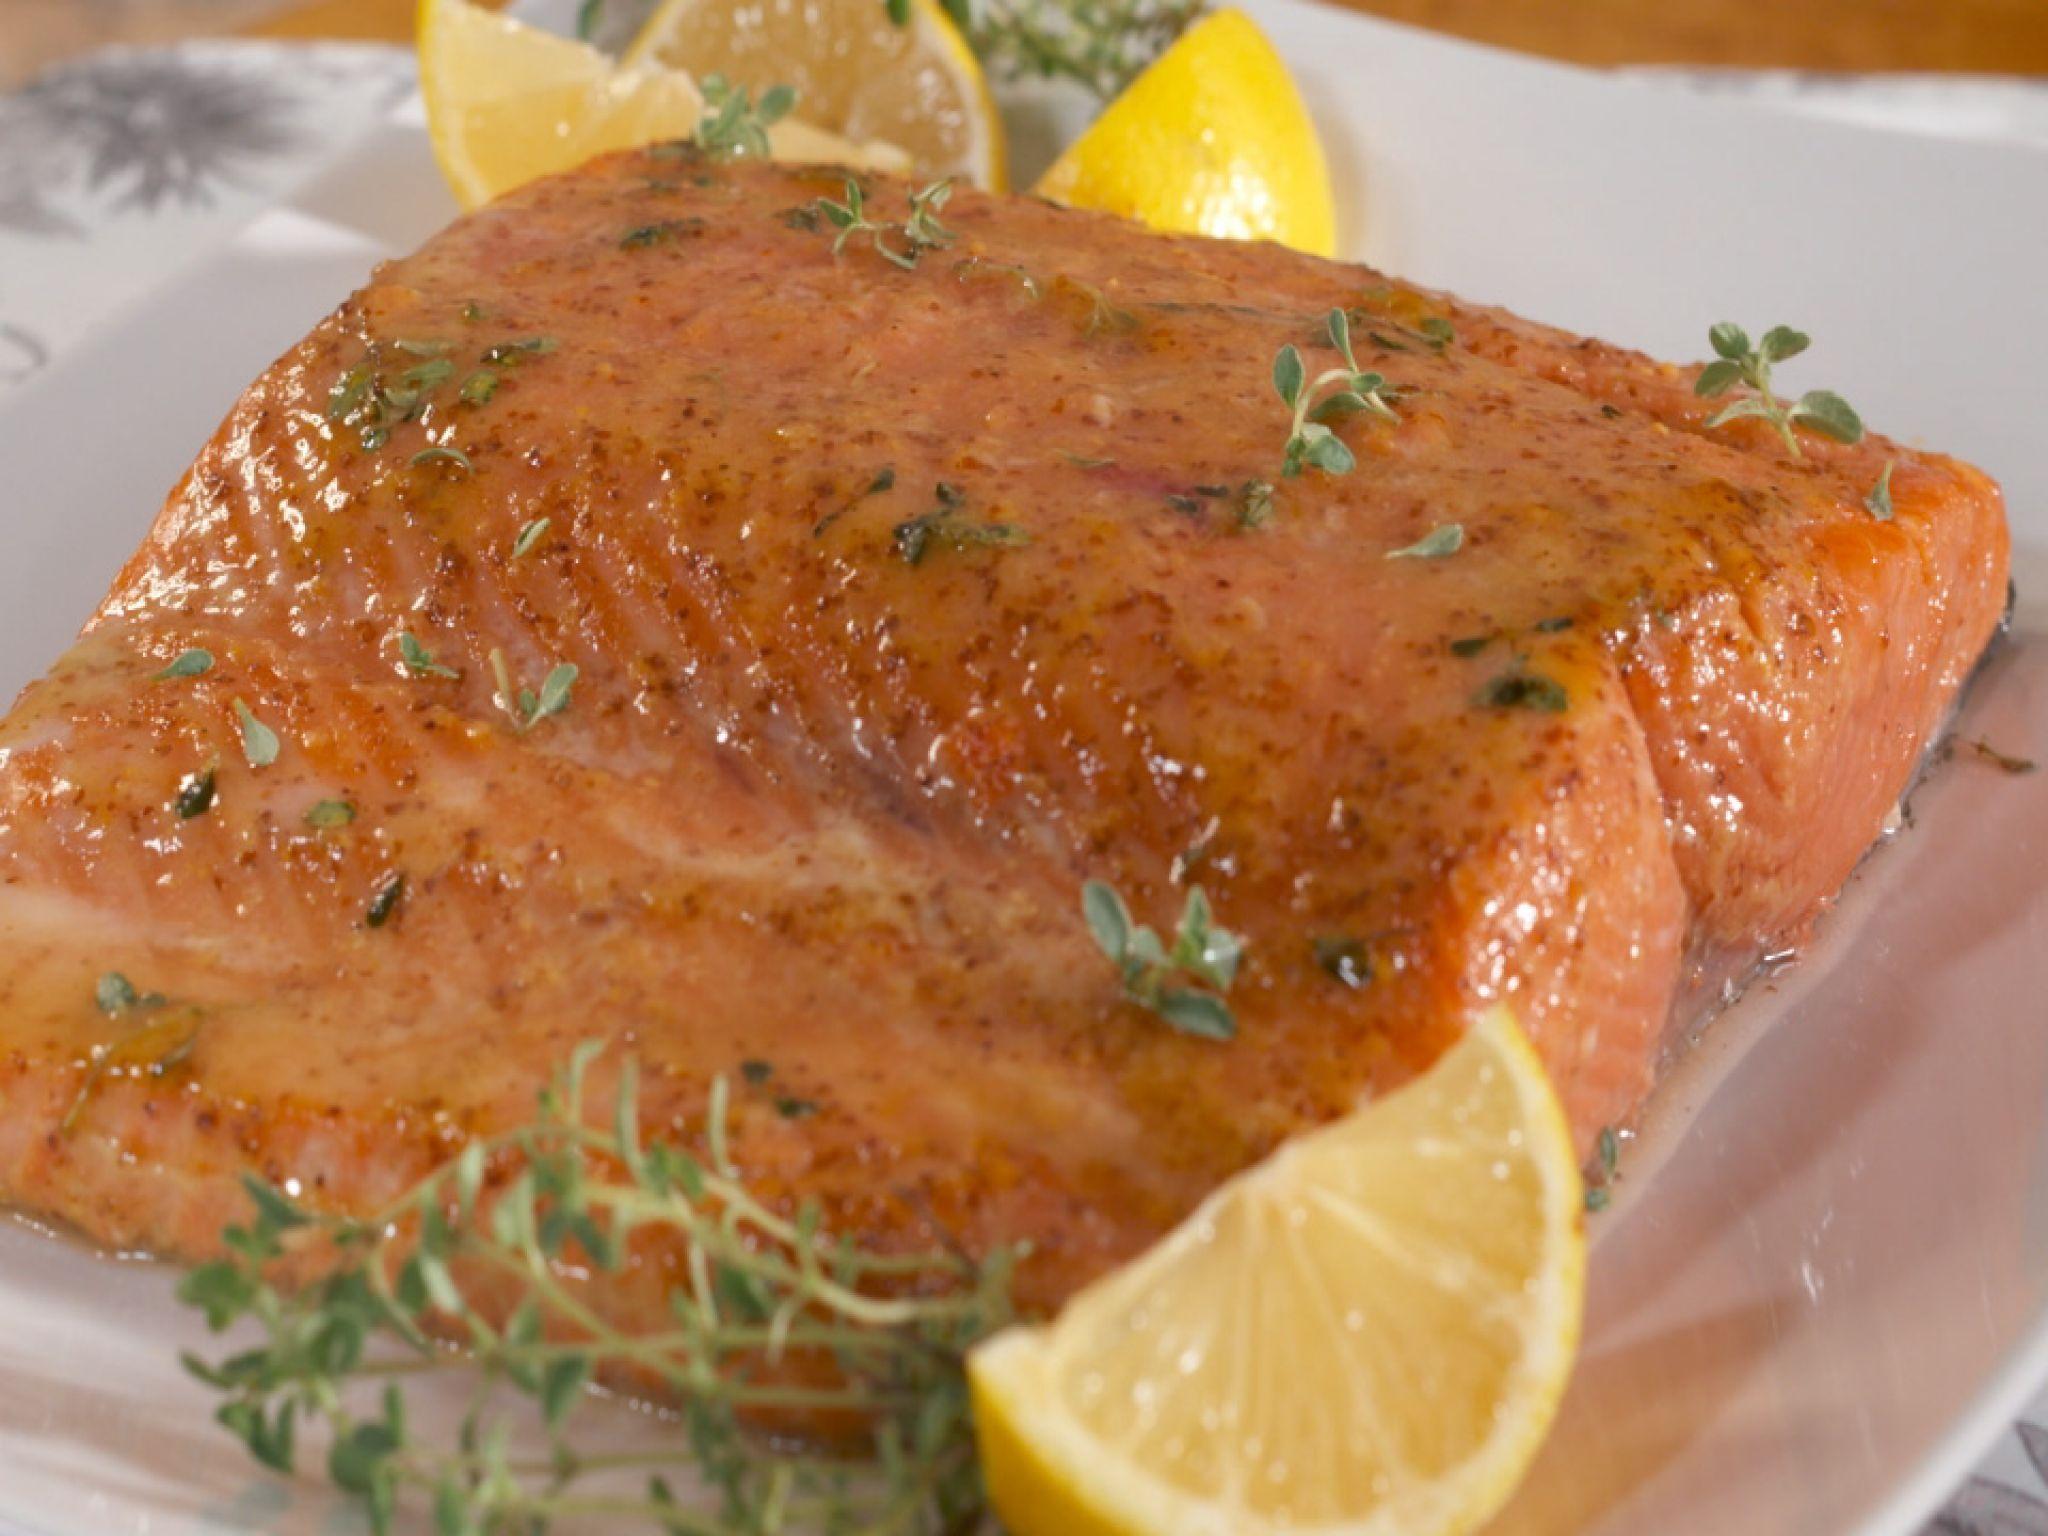 Salmon with maple dijon glaze receta comida deliciosa comida y salmon with maple dijon glaze receta comida deliciosa comida y recetas forumfinder Images